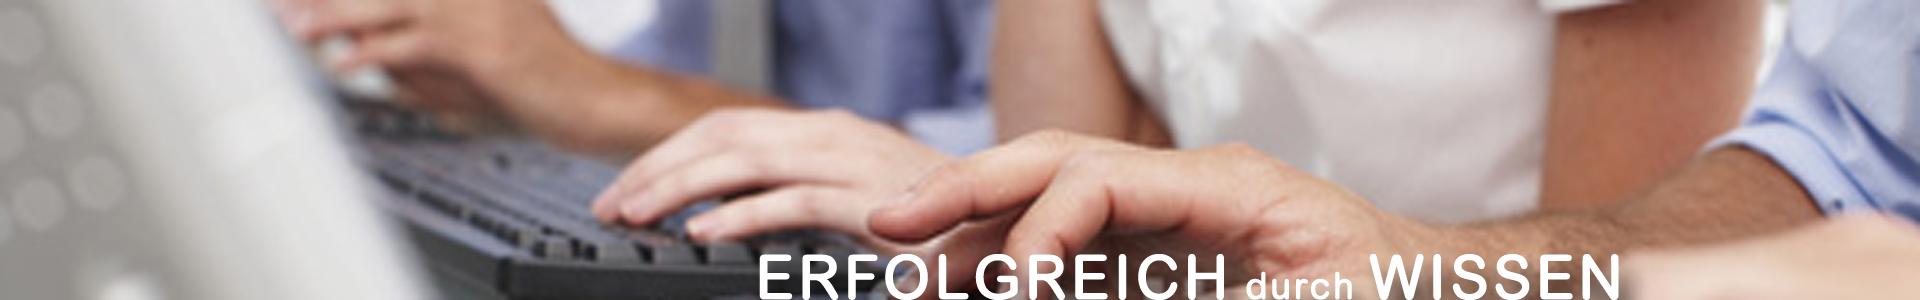 Virtualisierte Kursumgebung  – effizient und kostengünstig